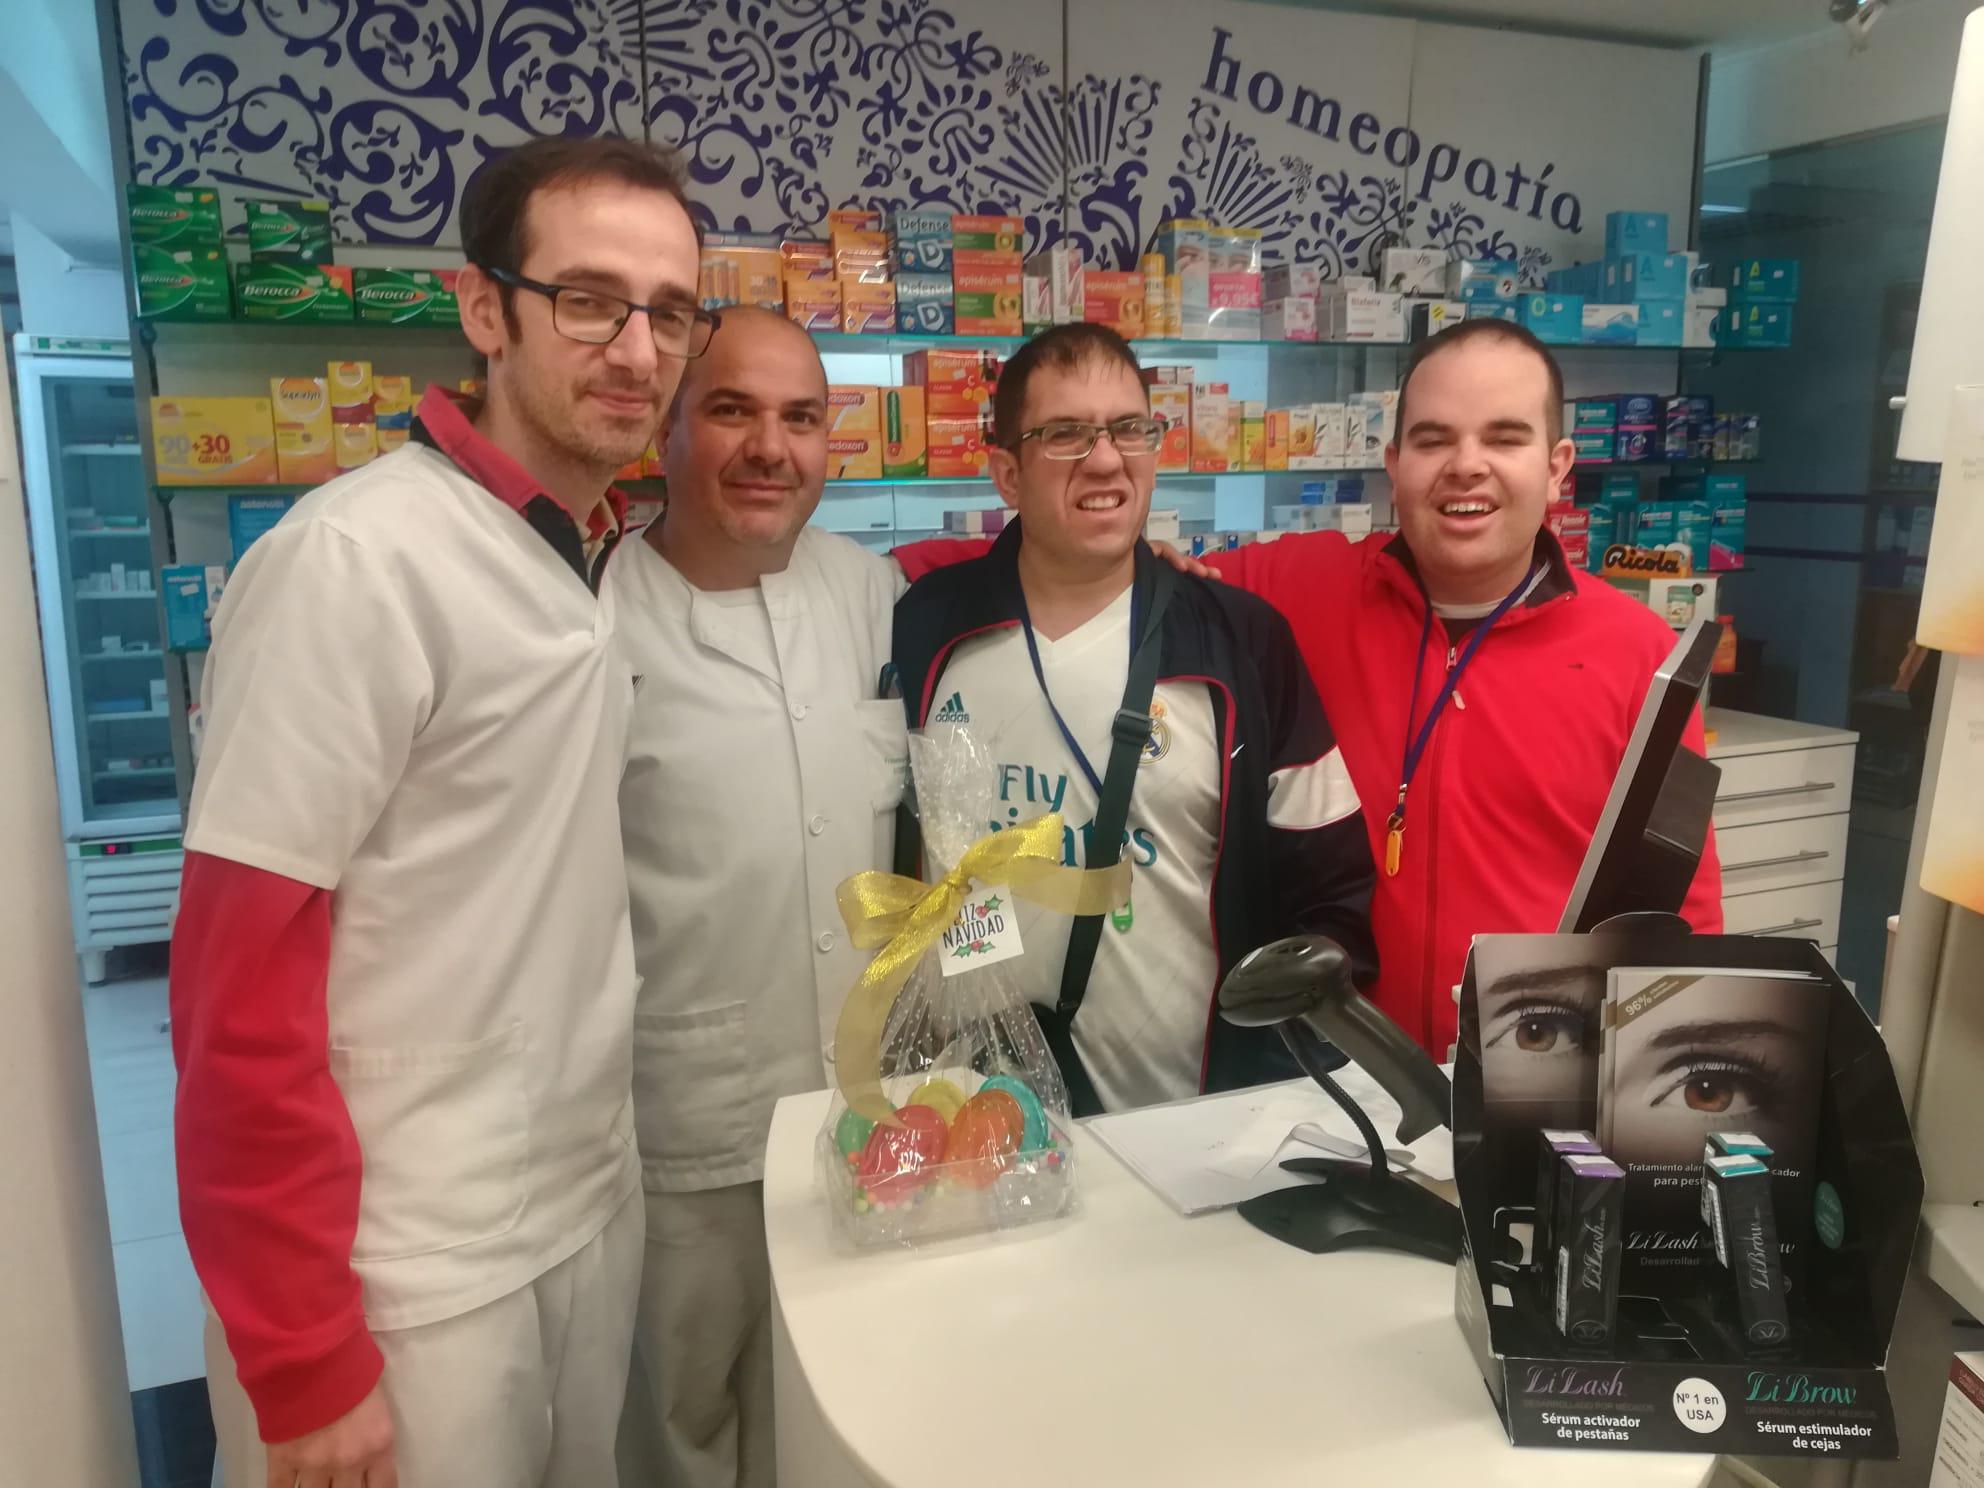 FARMACIA LUIS SAENZ DE BURUAGA - NERJA